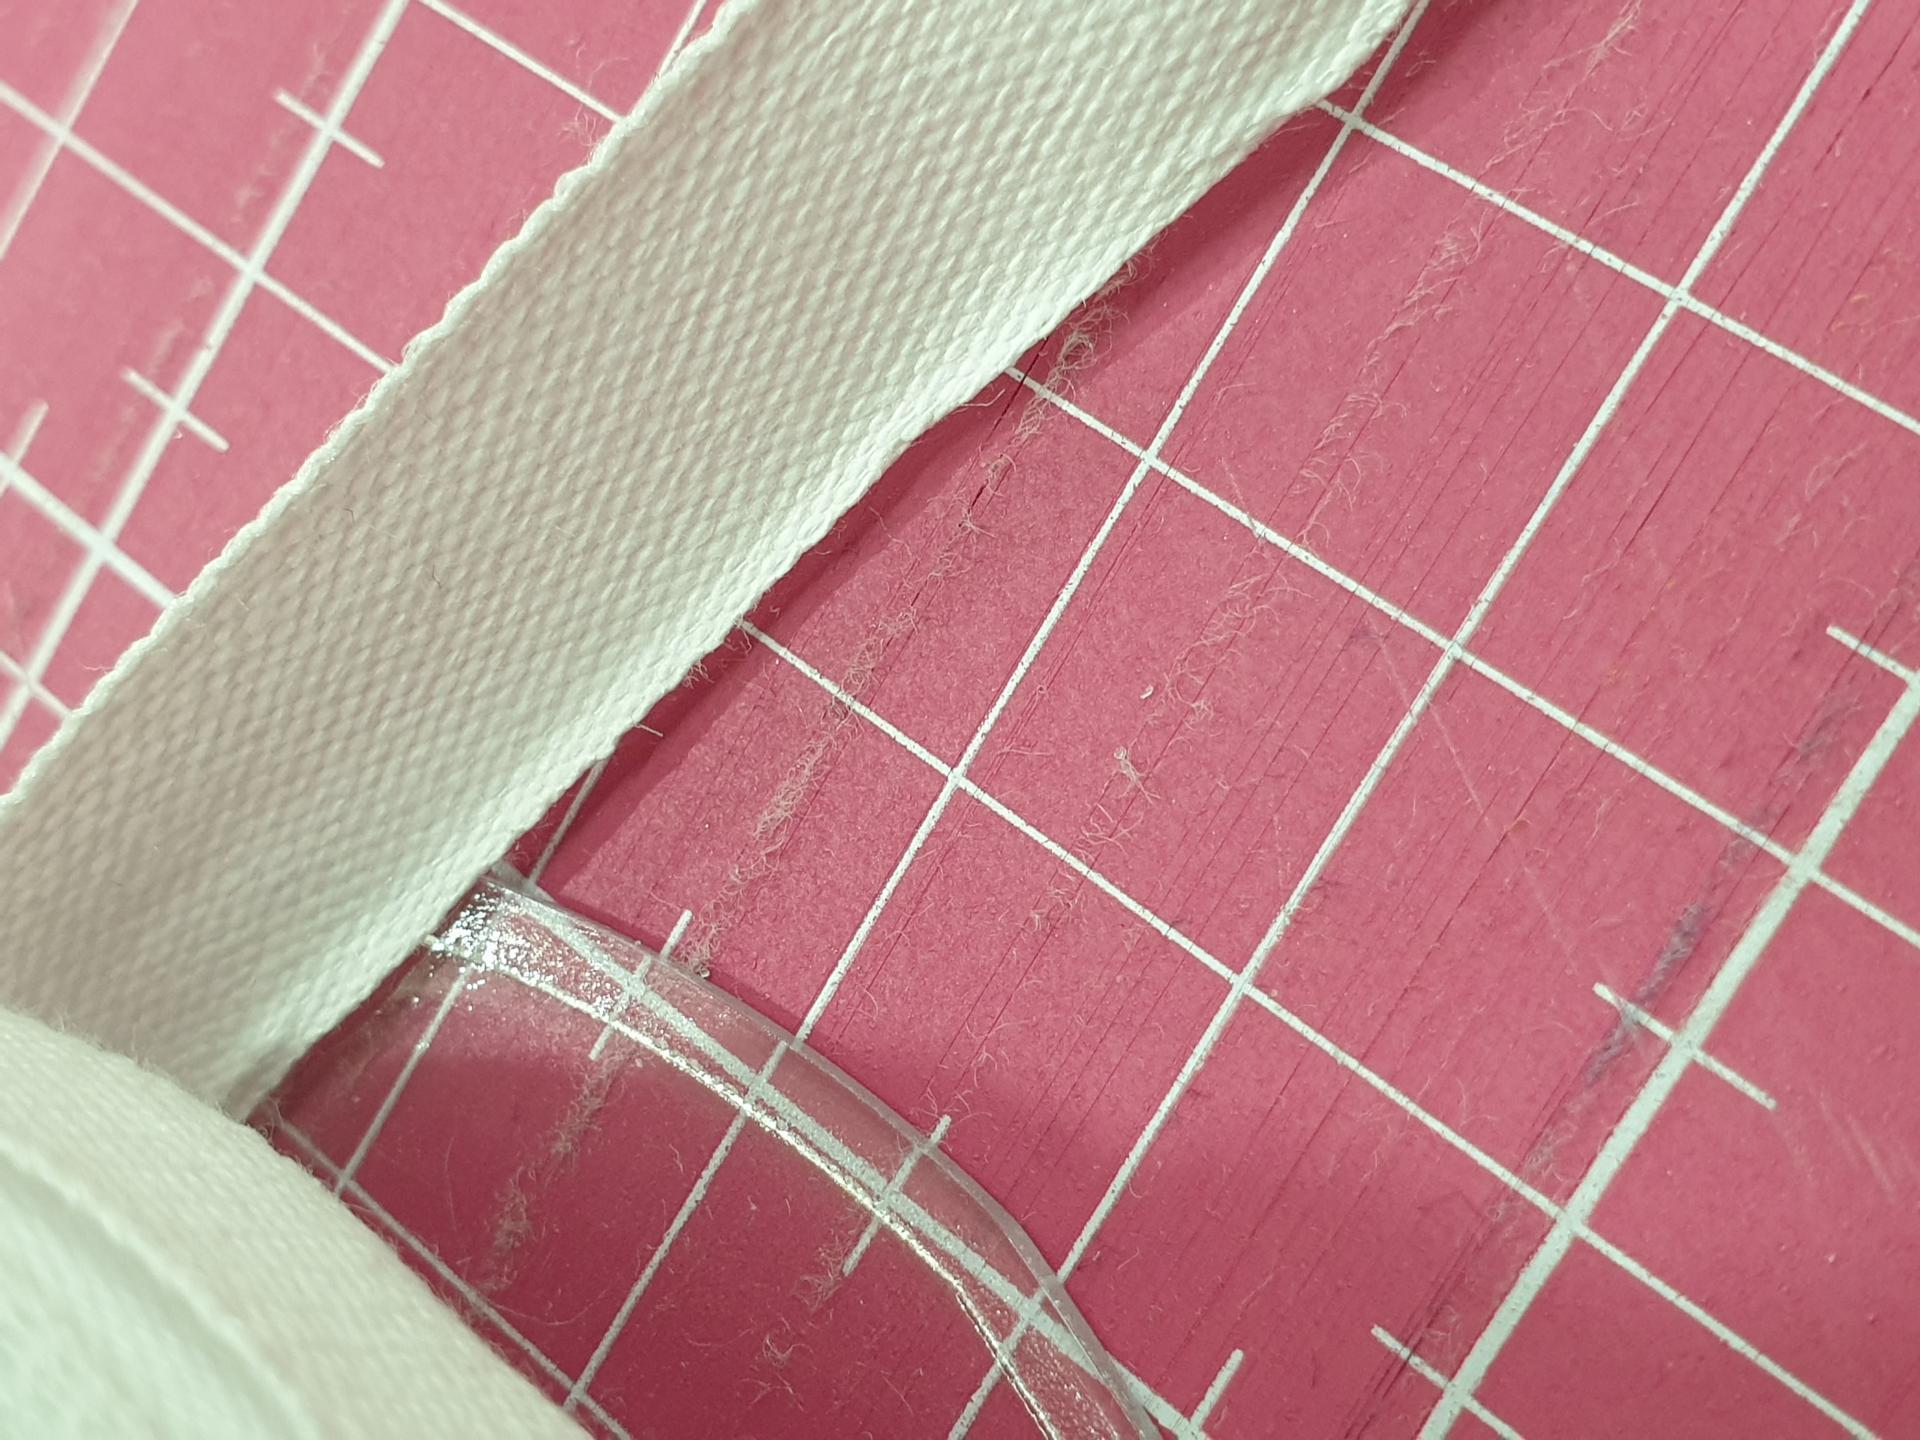 Veta de algodon 5mm Blanca